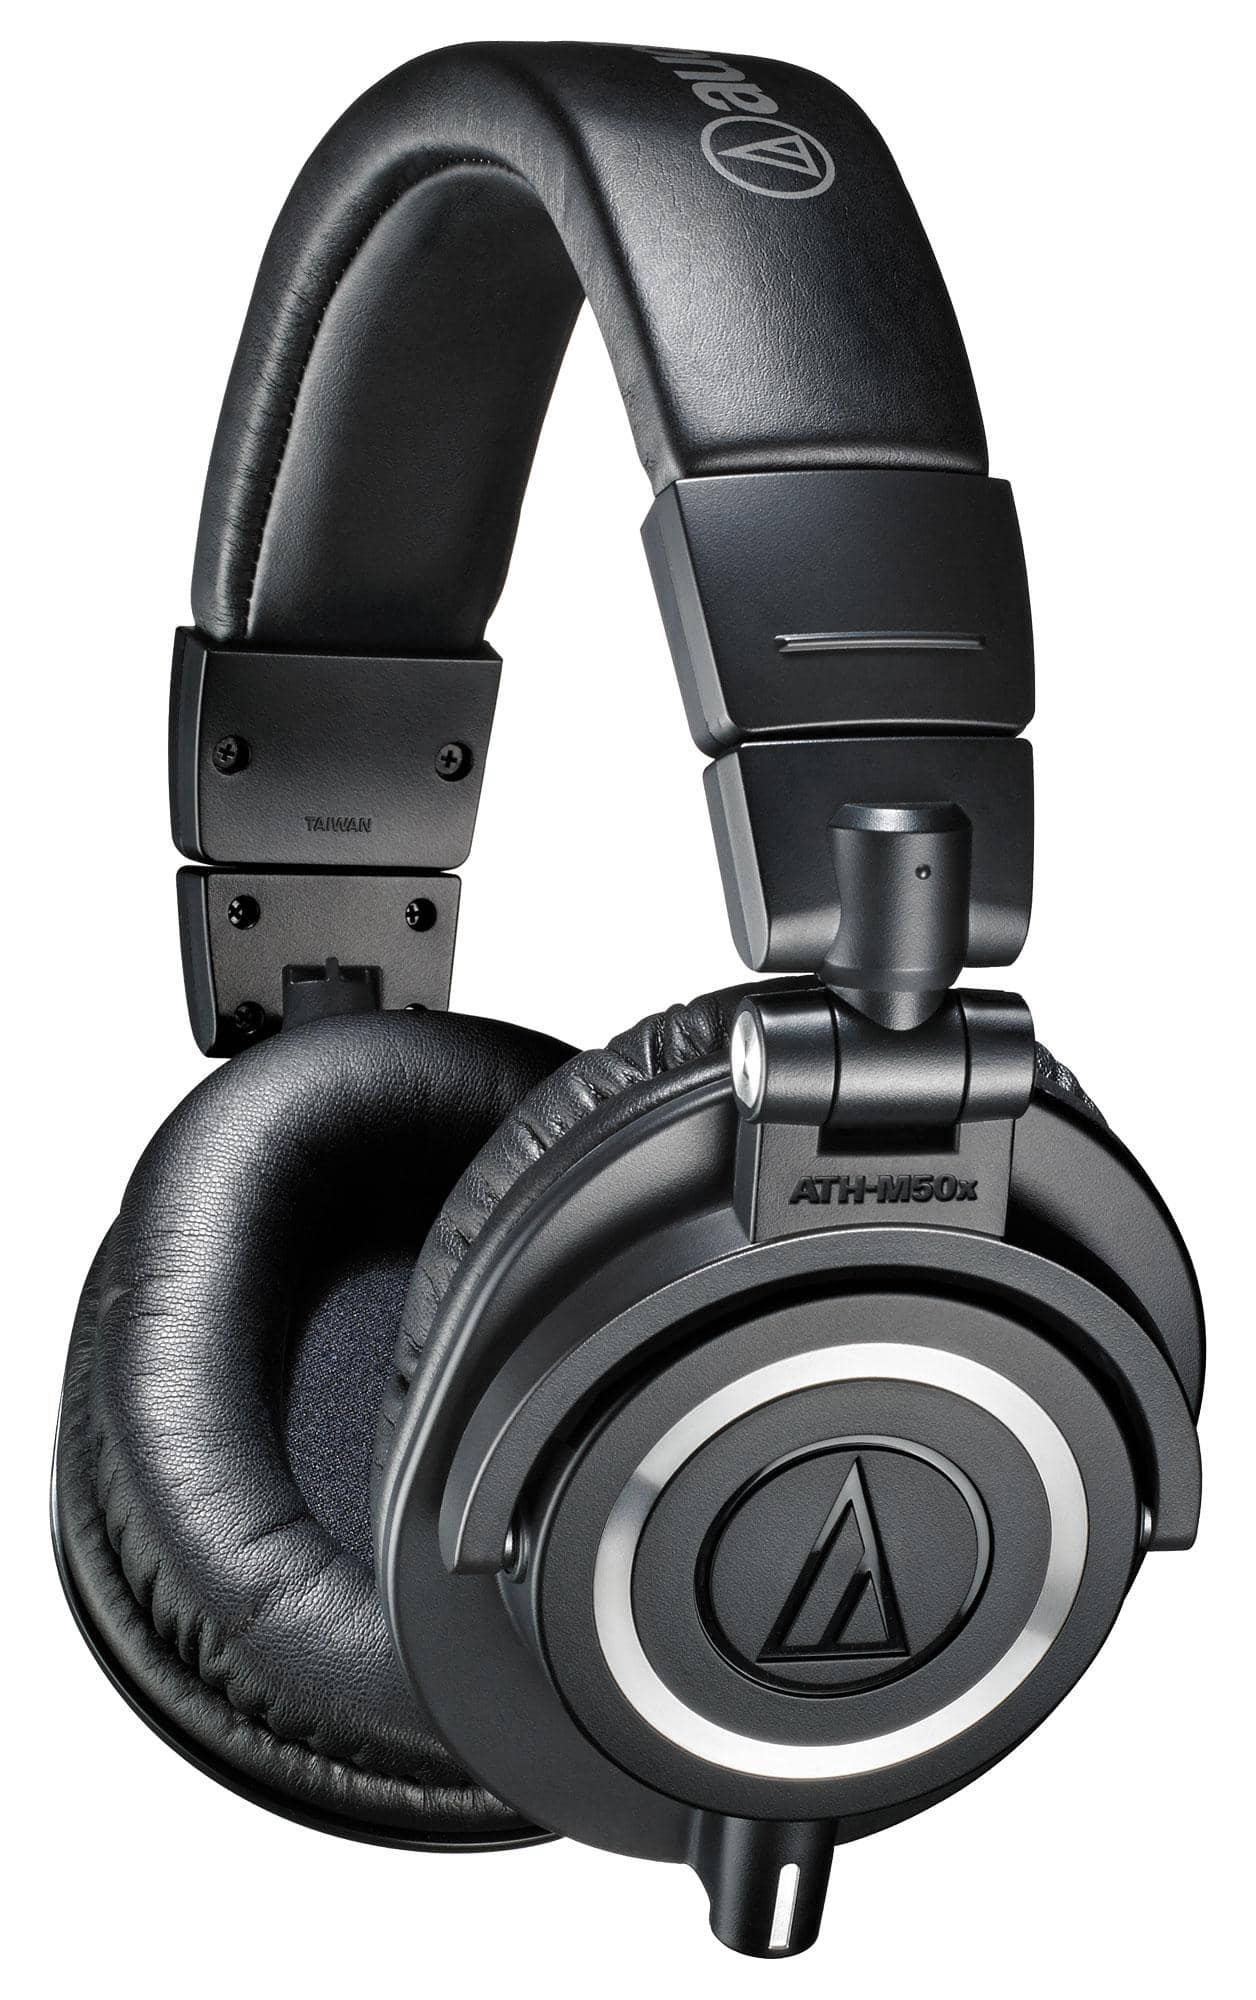 Studiozubehoer - Audio Technica ATH M50x Kopfhörer Retoure (Zustand sehr gut) - Onlineshop Musikhaus Kirstein